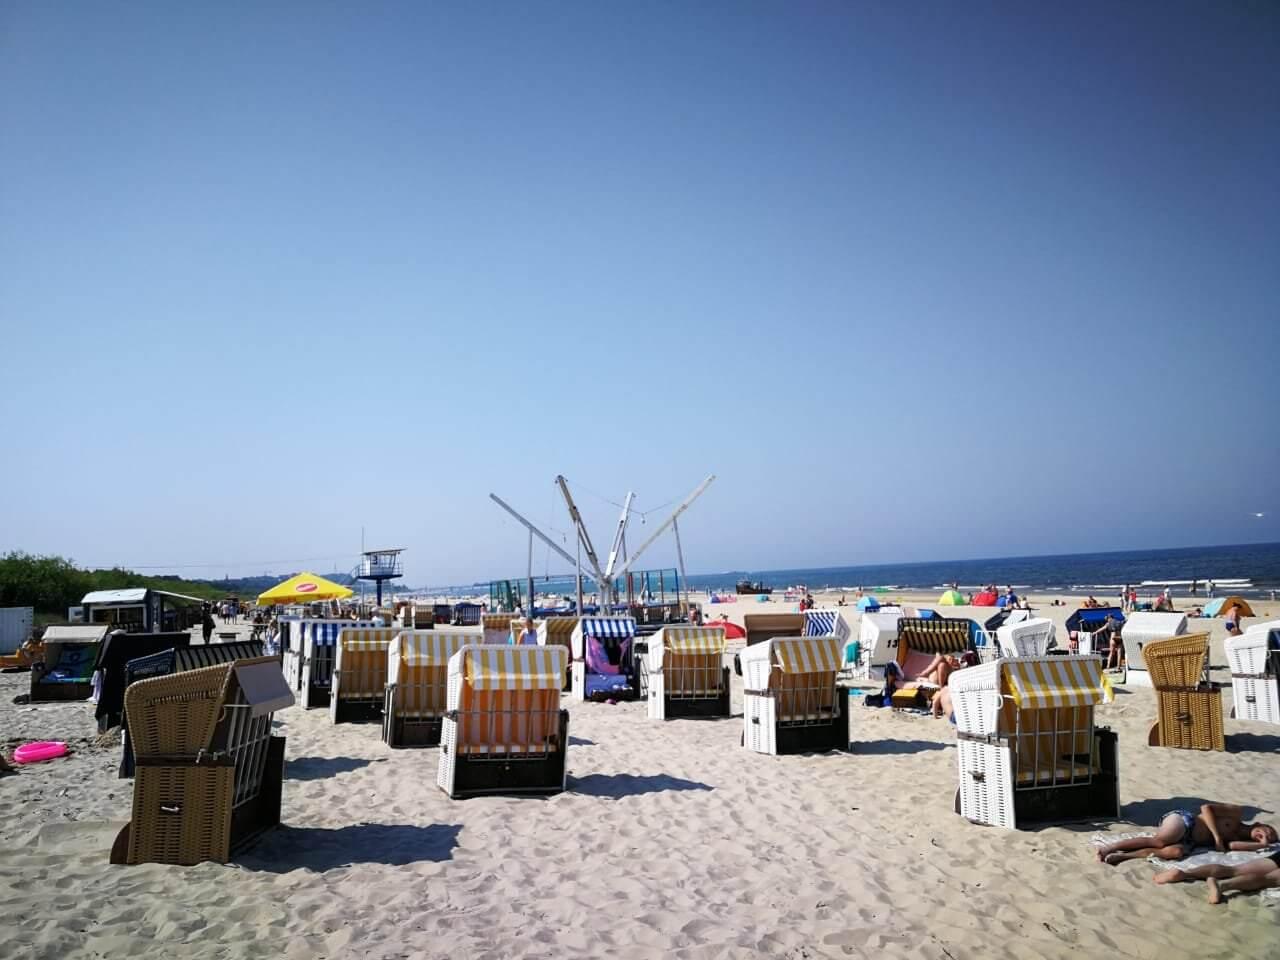 Strandkörbe im Seebad Ahlbeck.